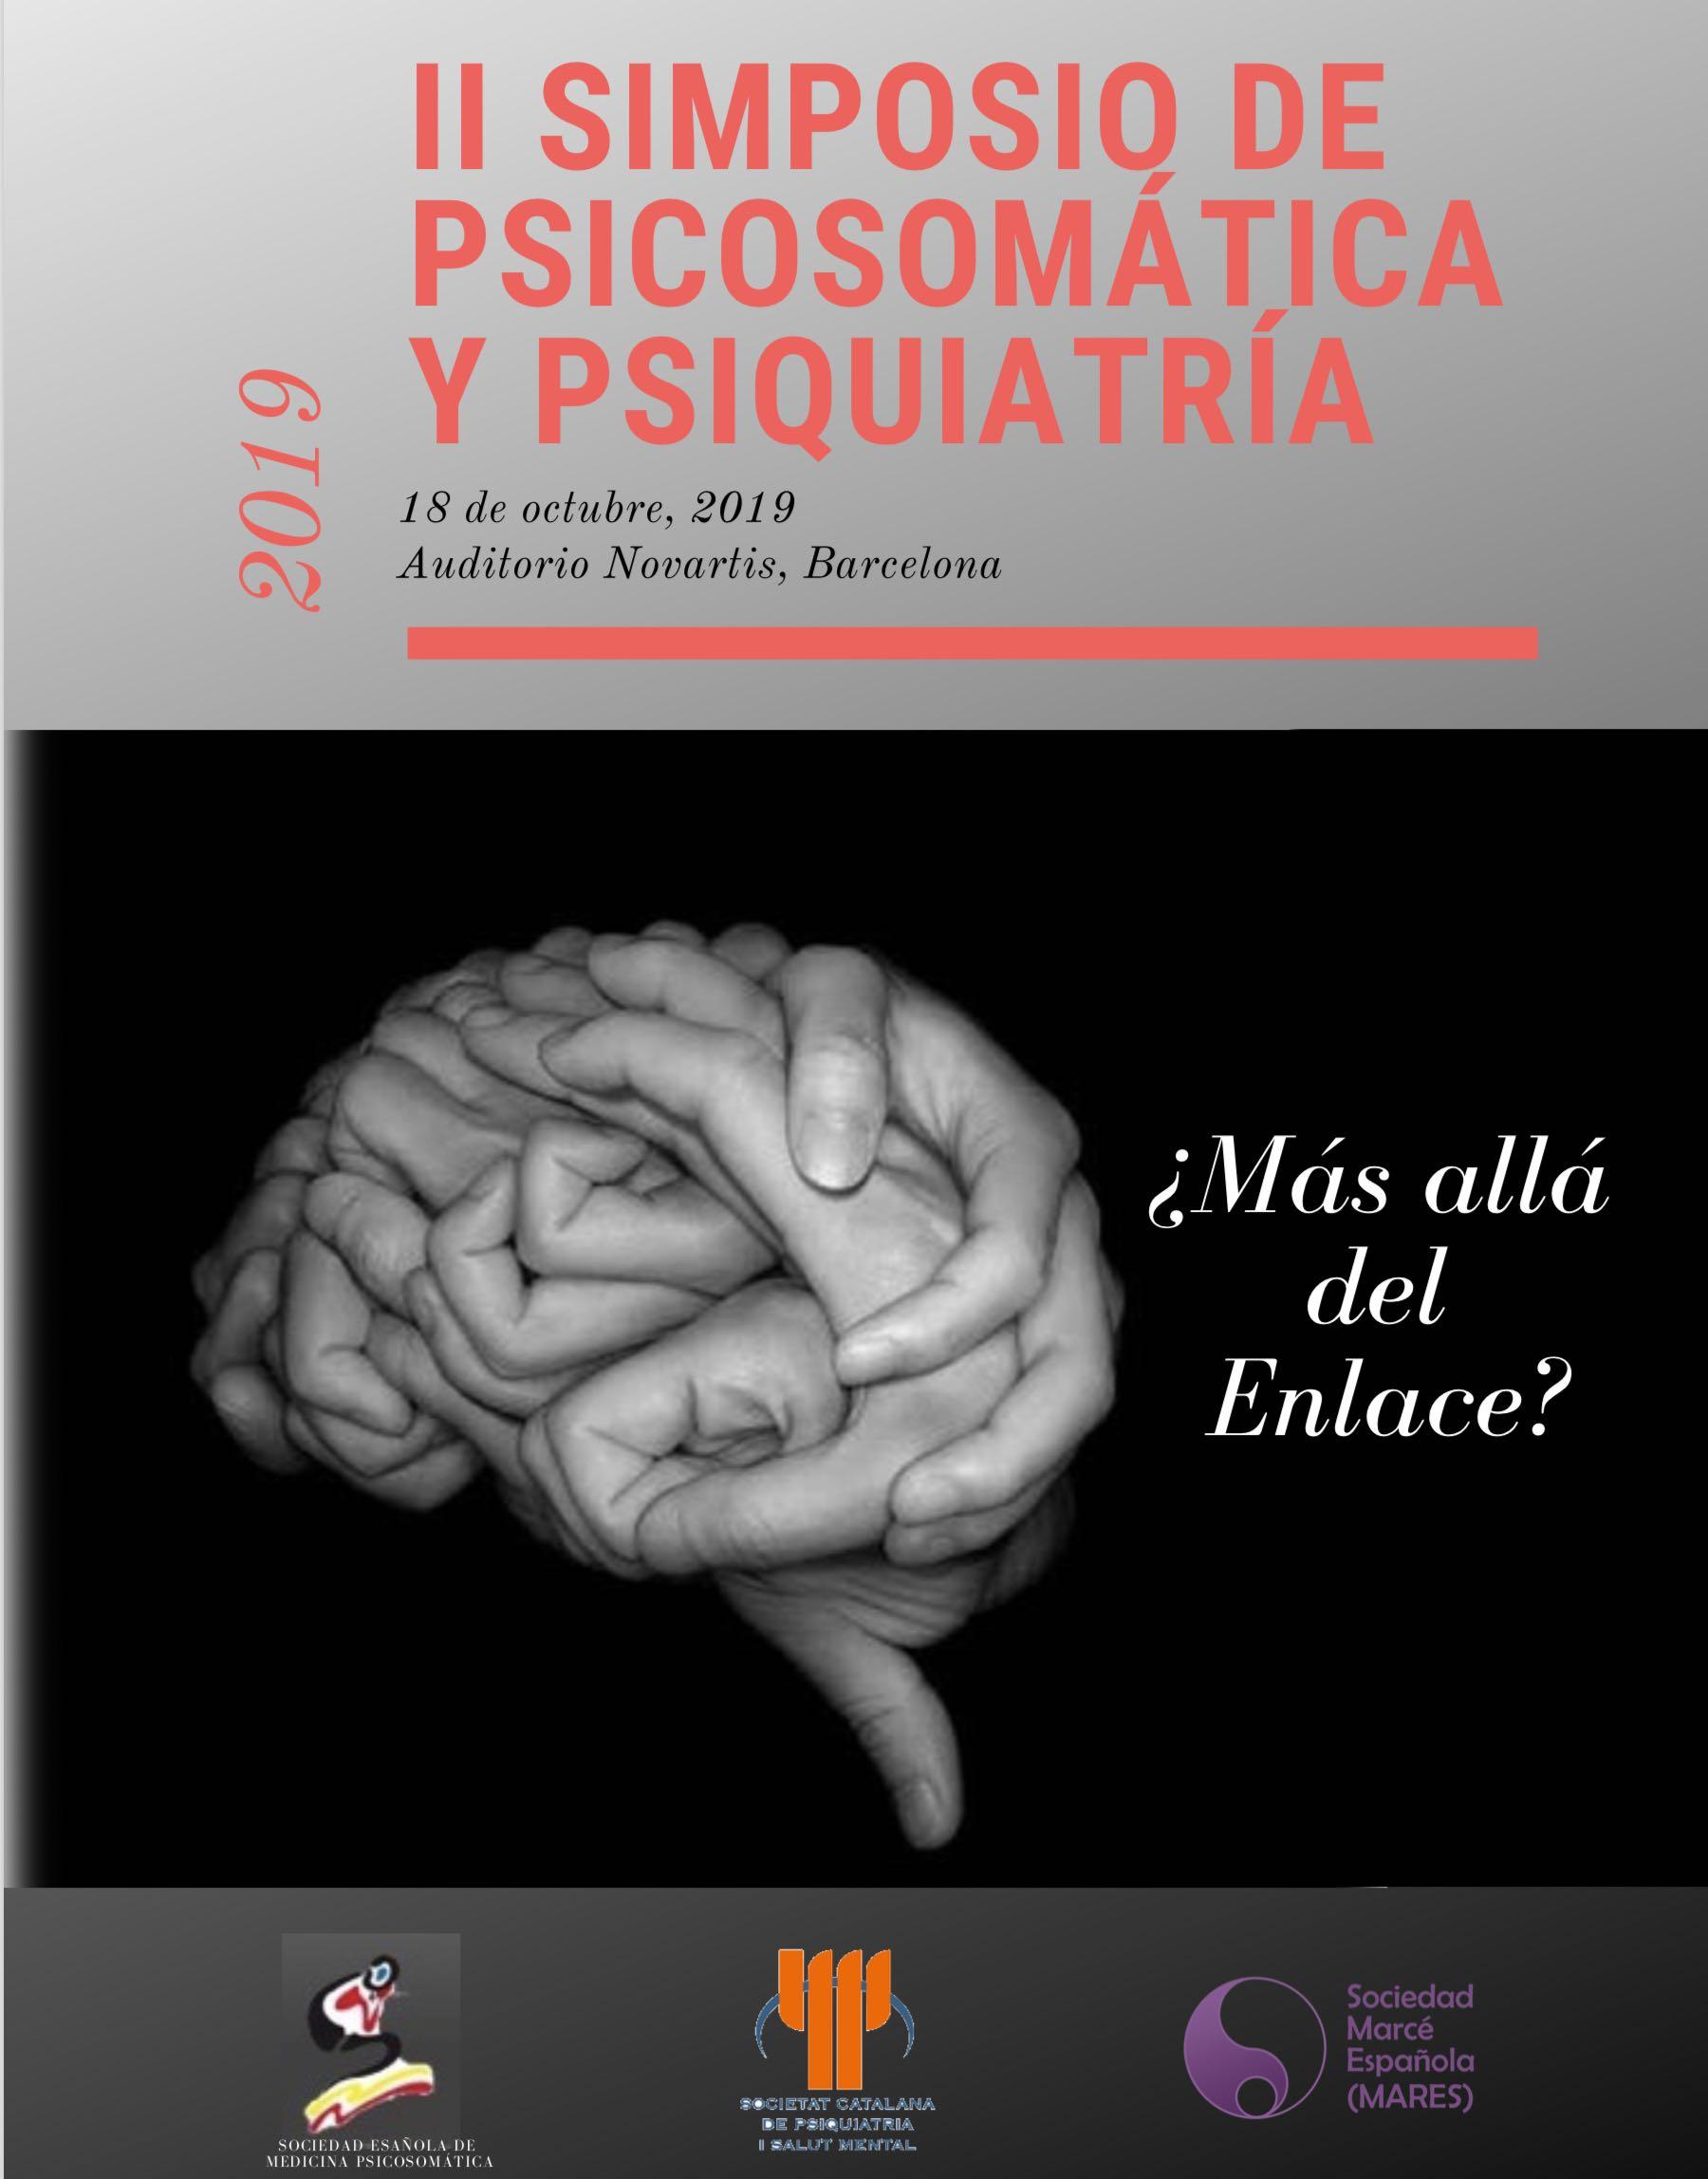 II Simposio Psicosomática y Psiquiatría